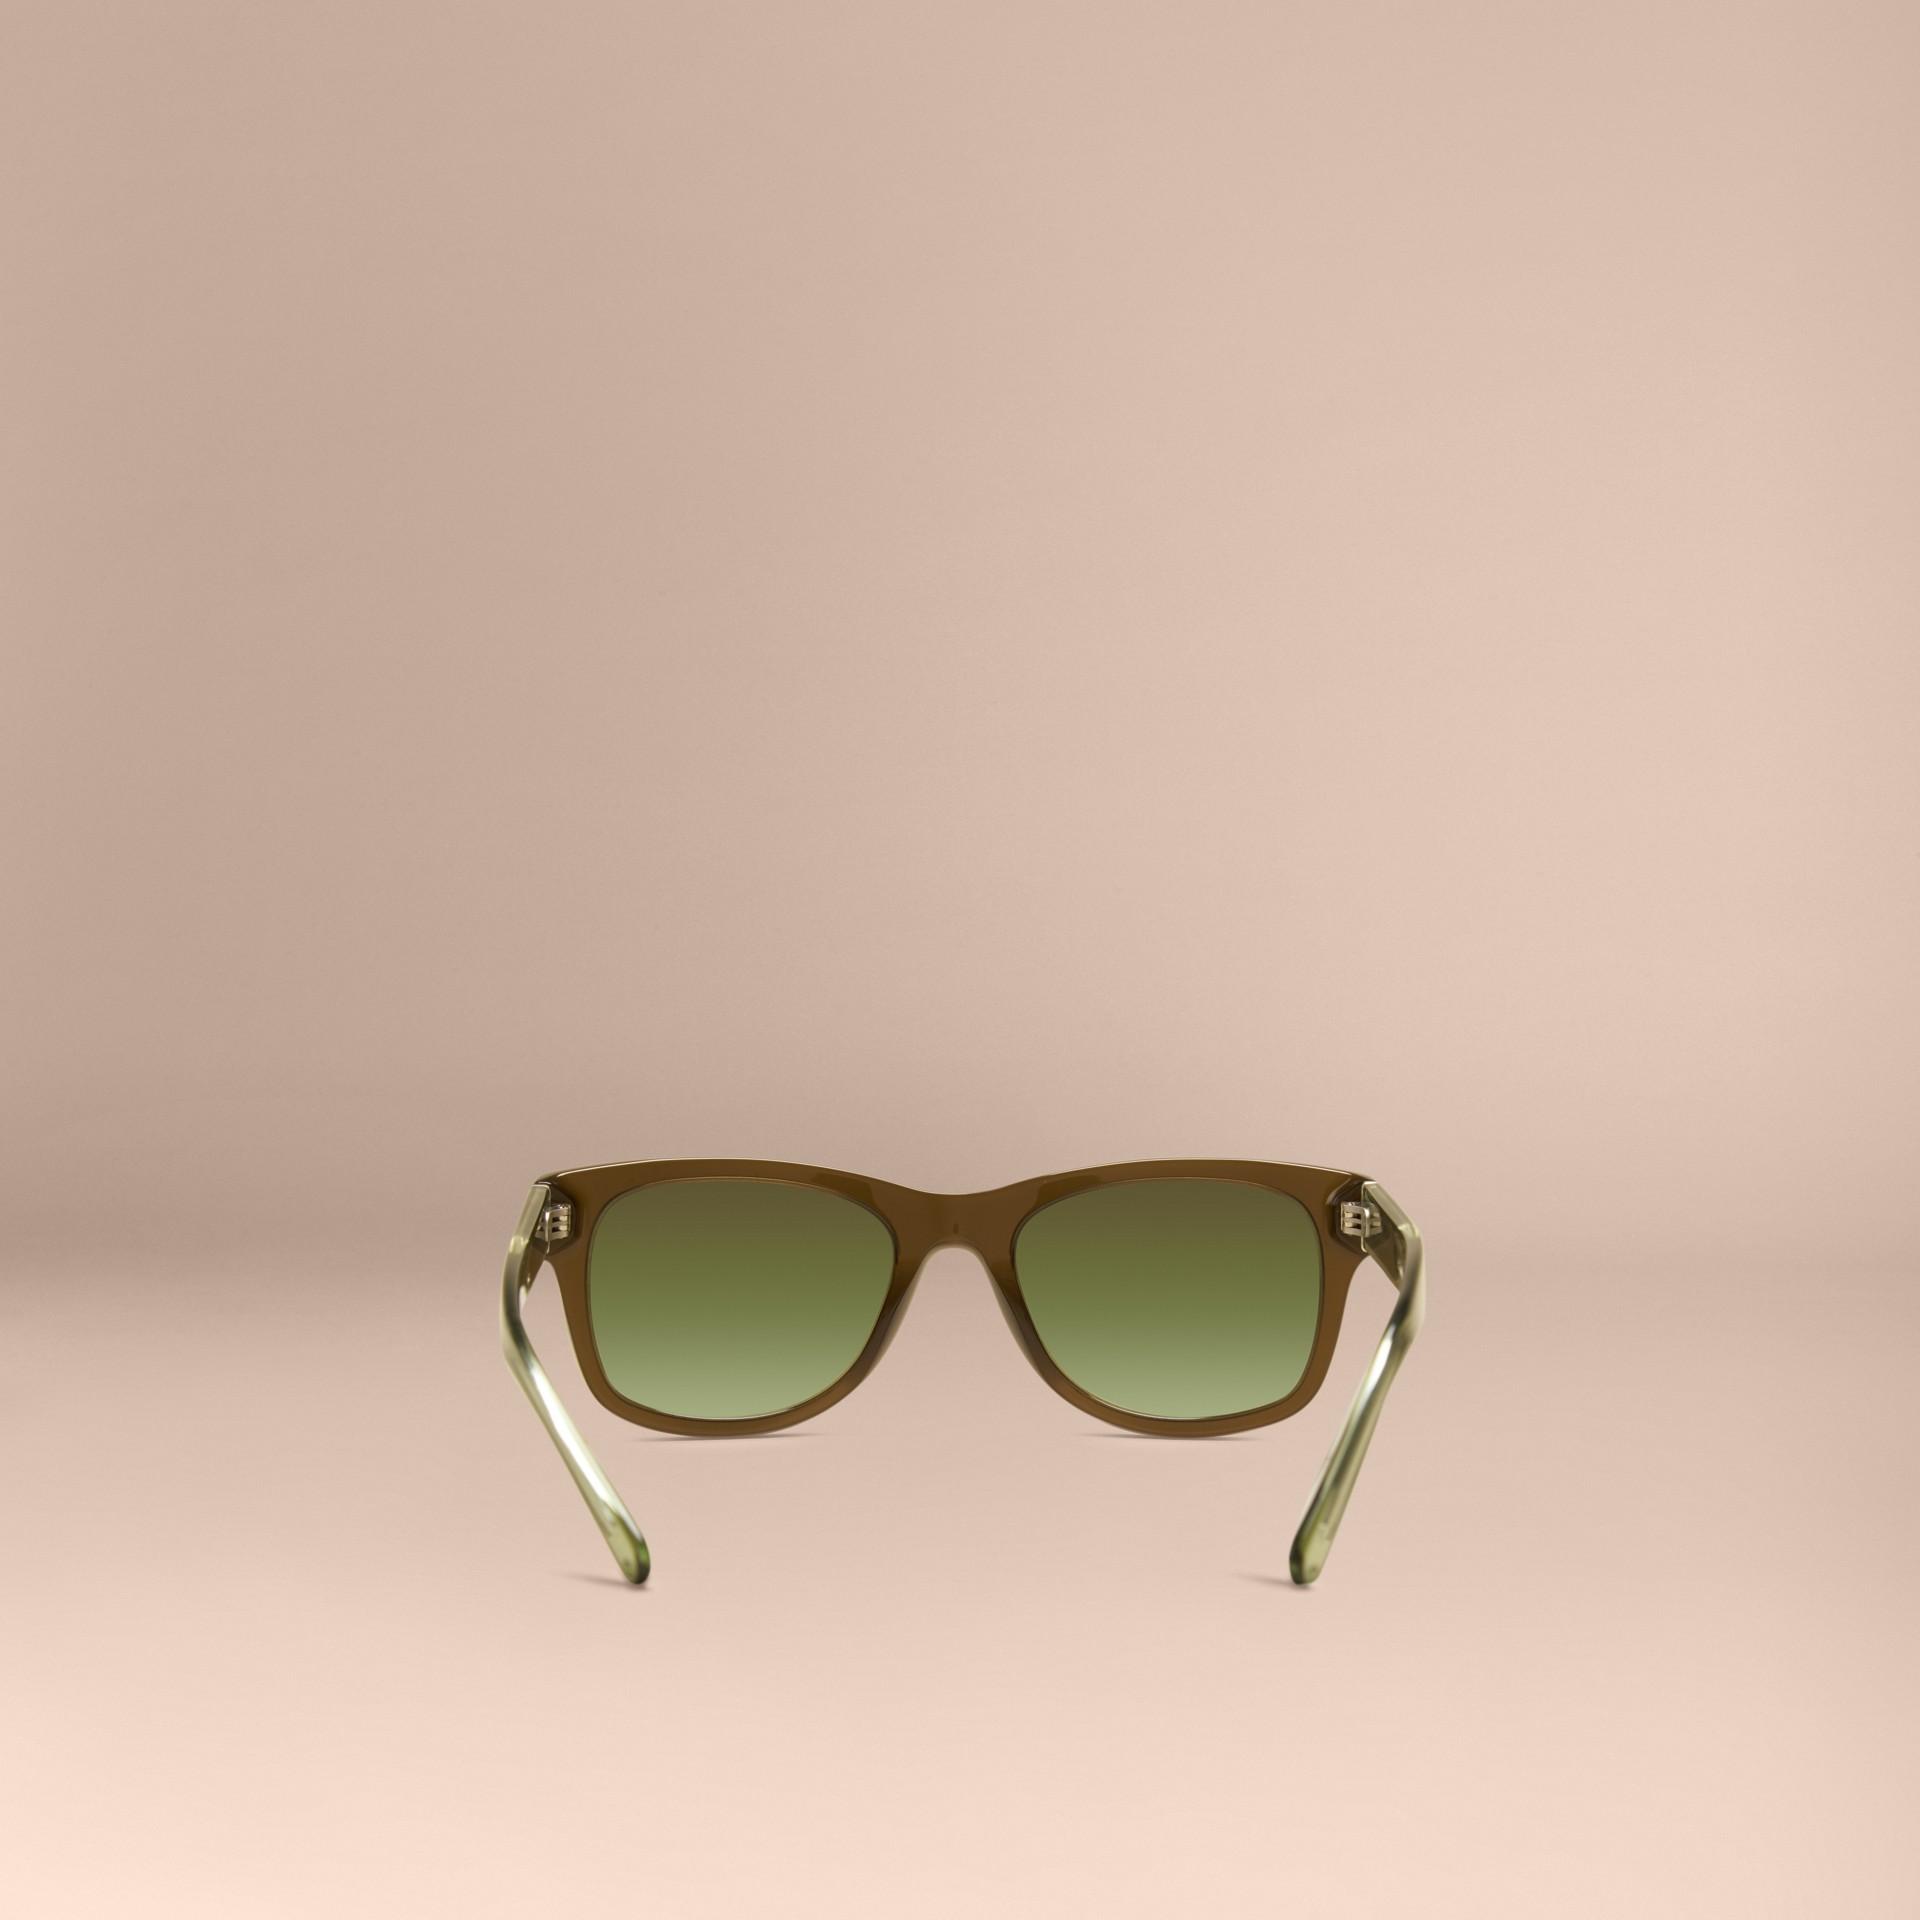 Verde oliva Óculos de sol com armação quadrada e detalhe xadrez Verde Oliva - galeria de imagens 4